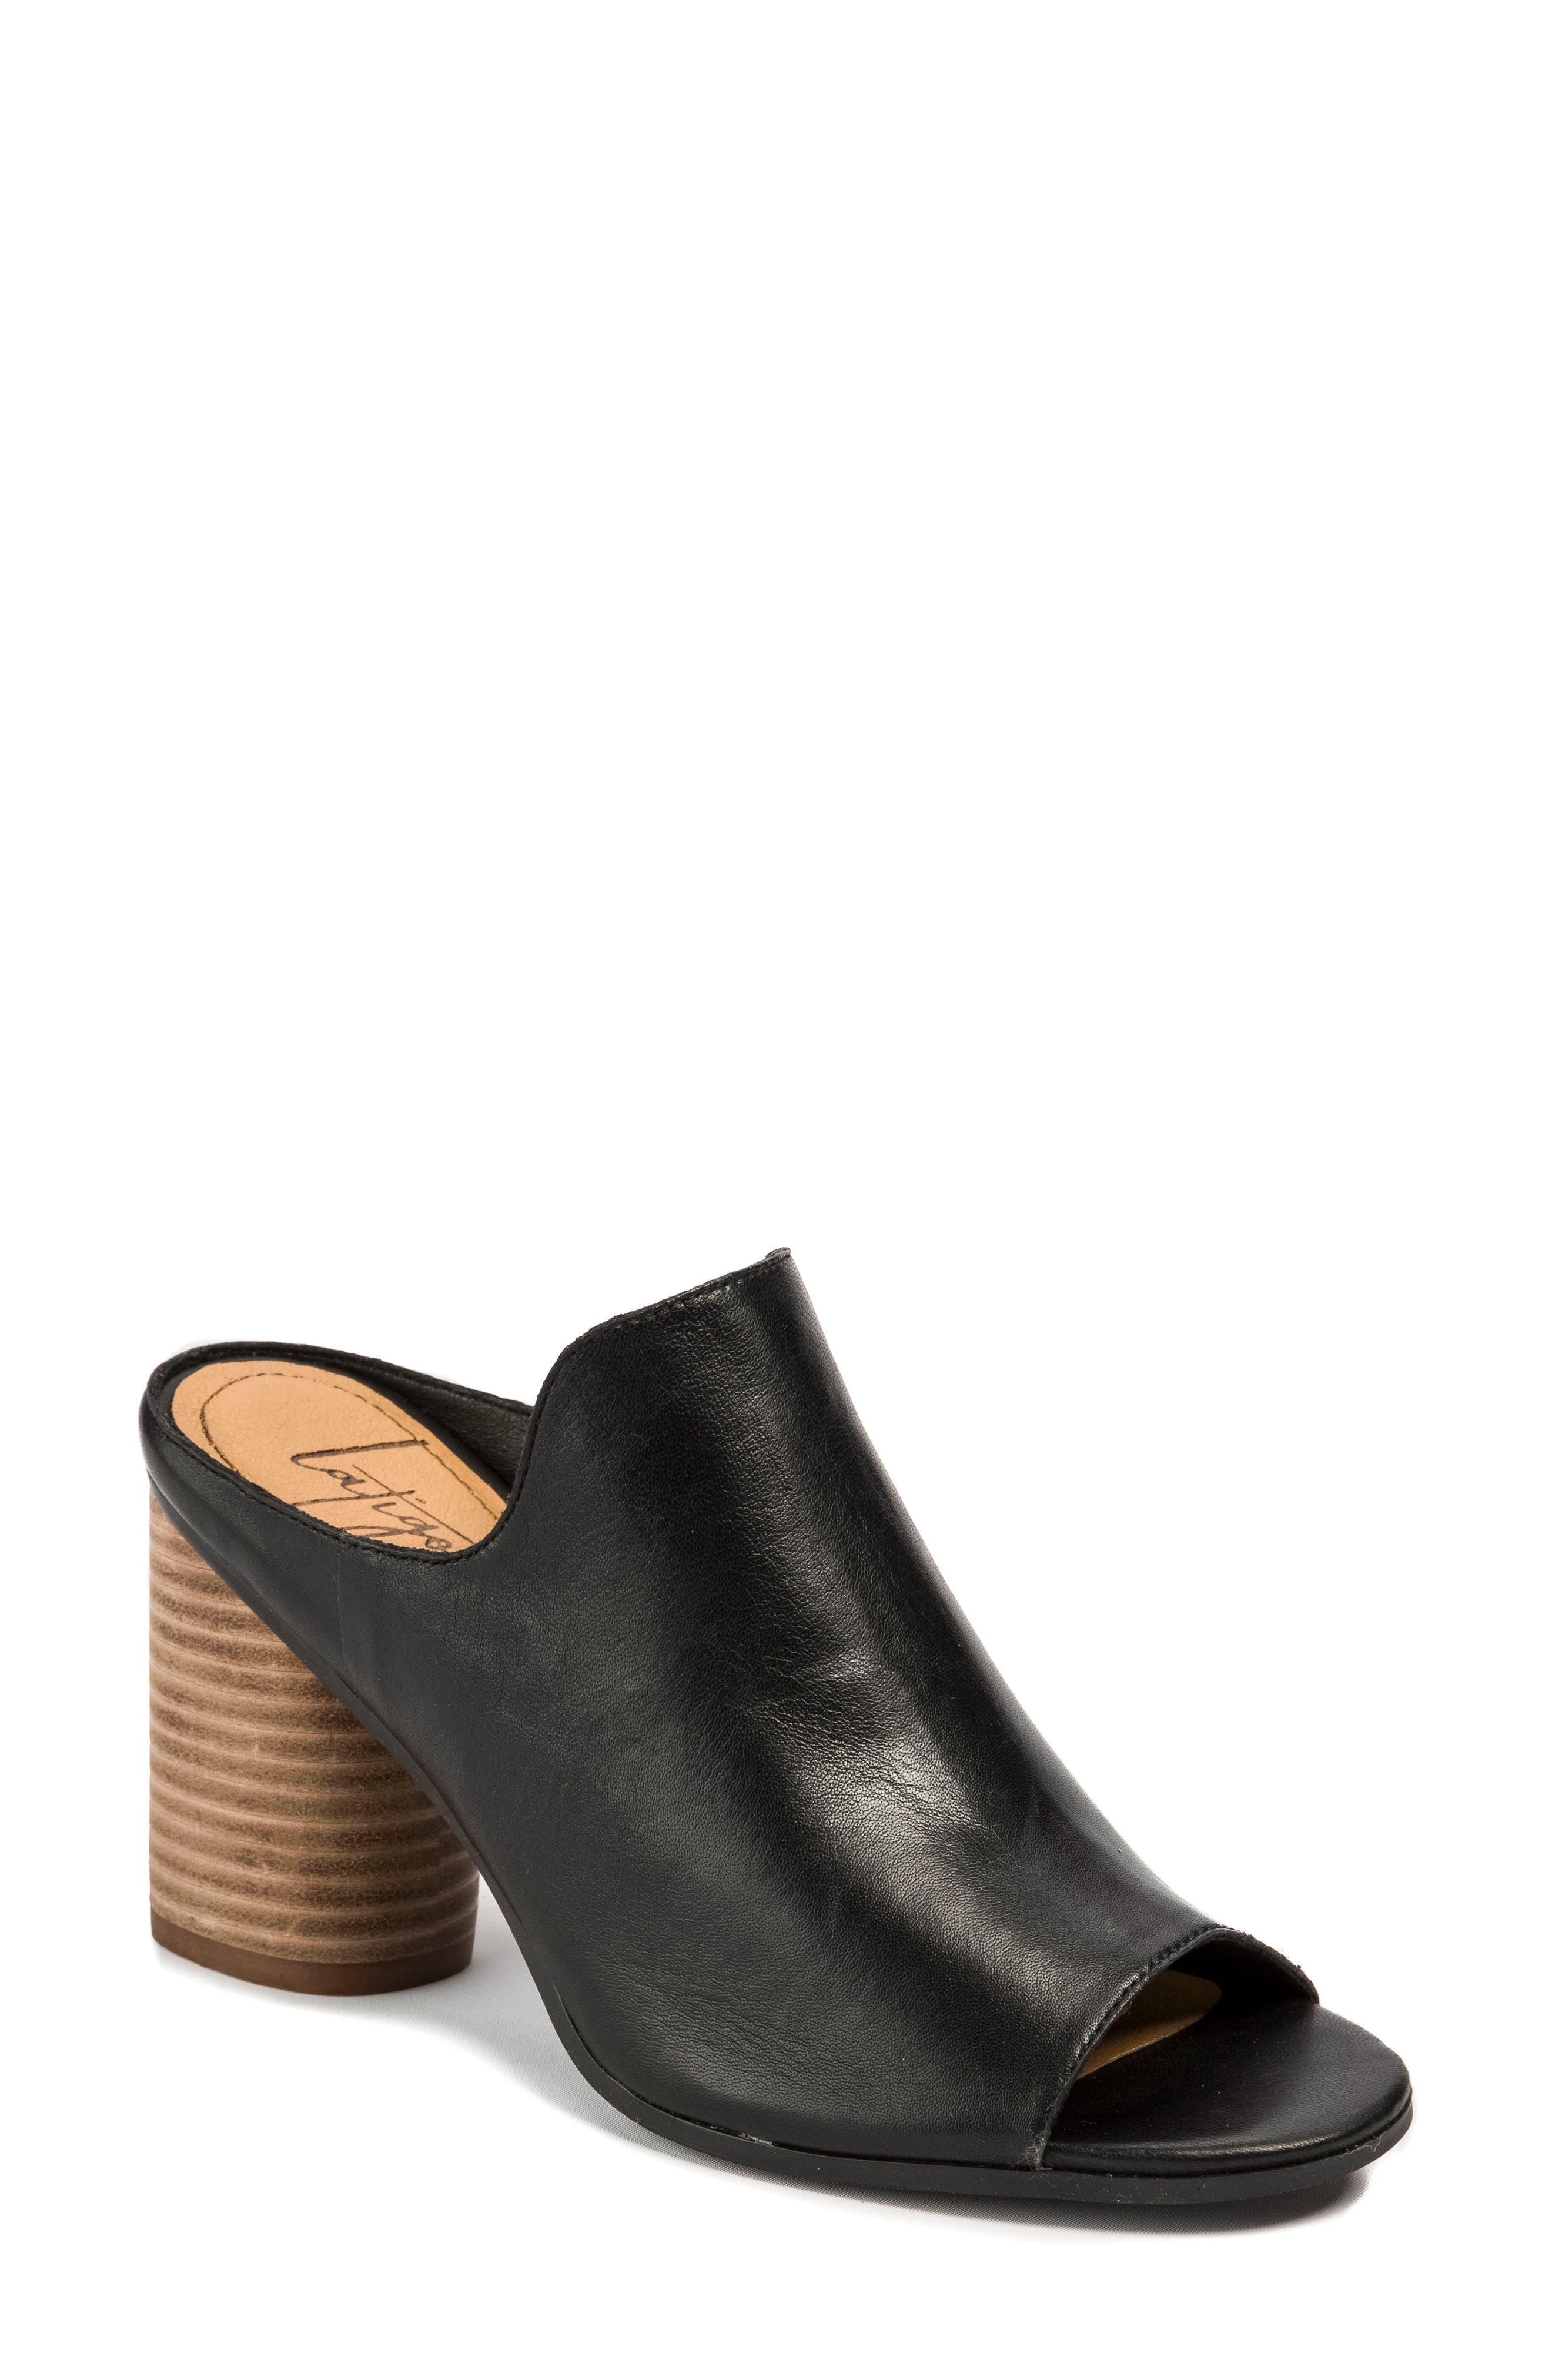 Hallie Loafer Sandal,                         Main,                         color, 001